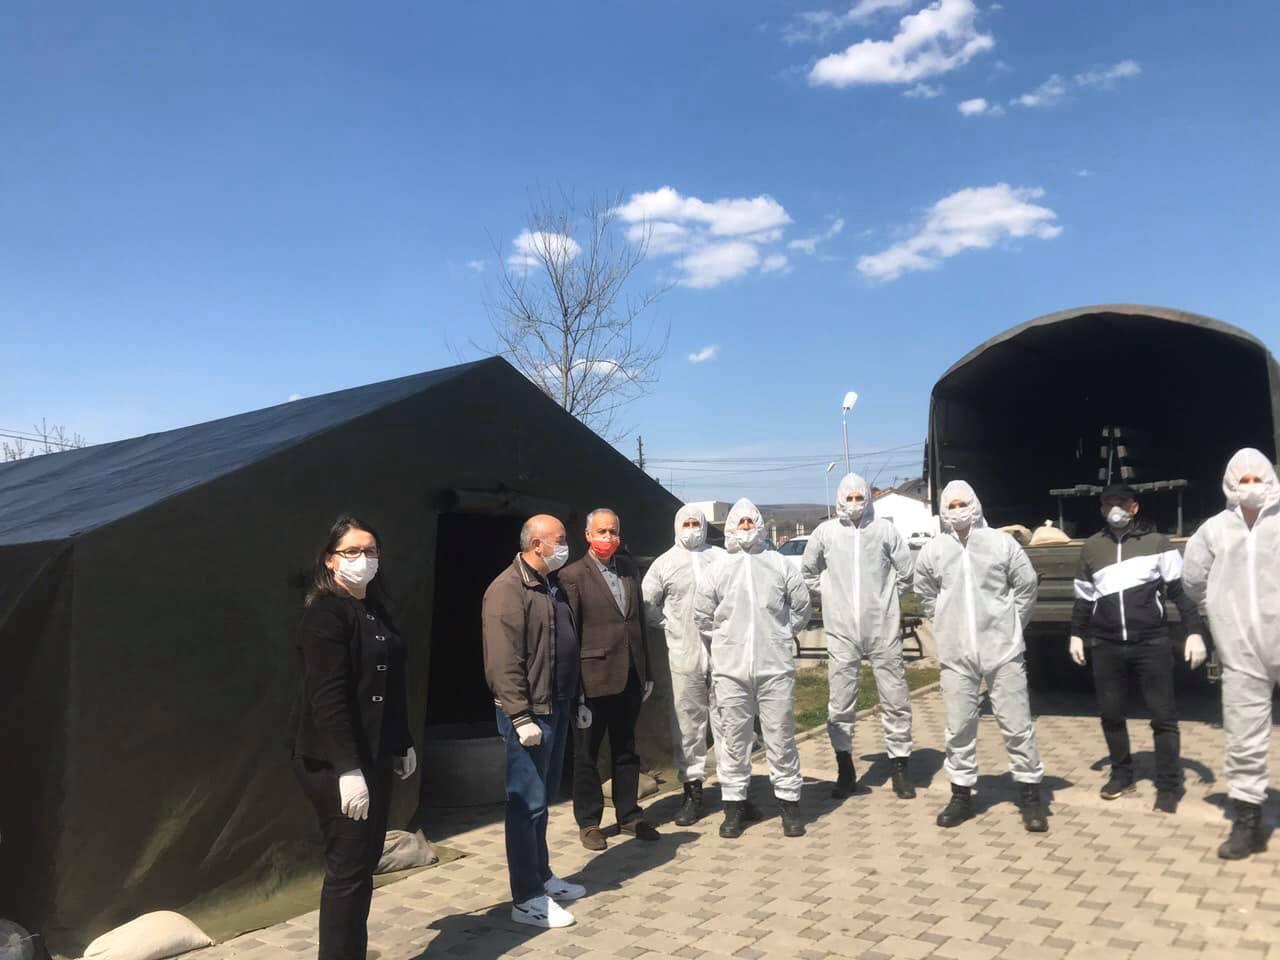 Në Qendrën e Mjekësisë Familjare në Pozheran vendoset tenda për kontrollin e pacientëve